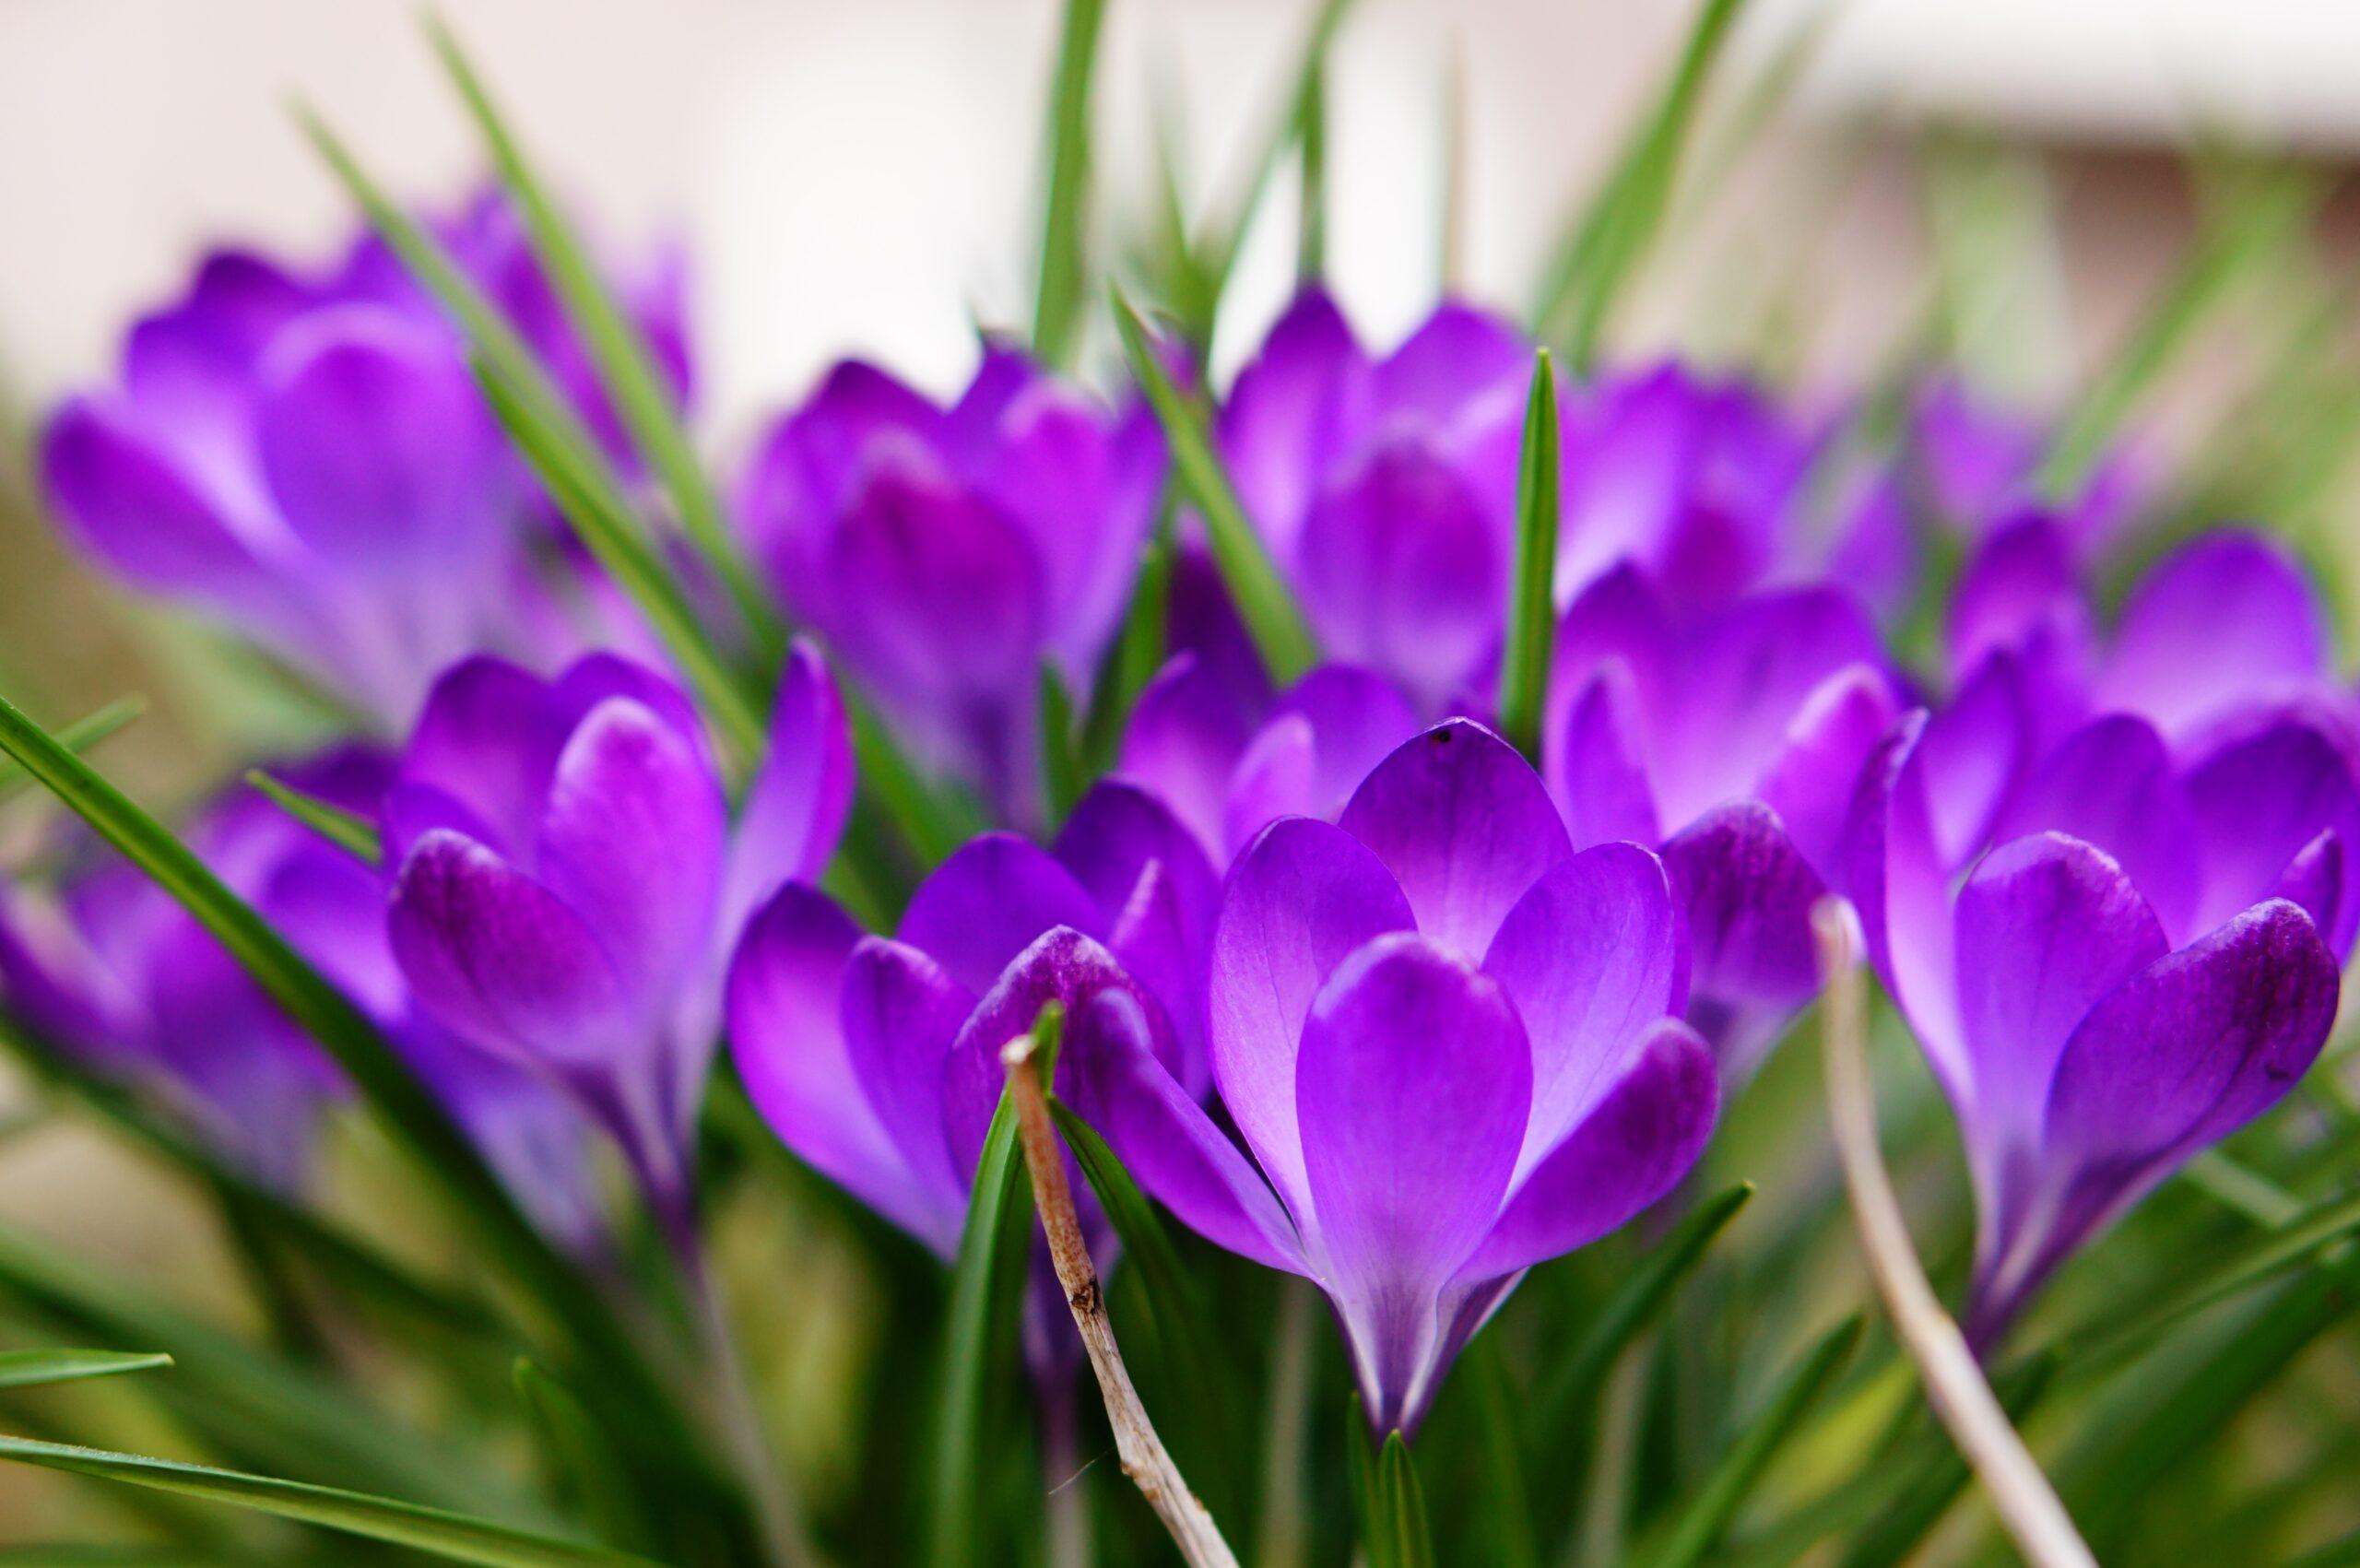 manfaat saffron untuk wajah